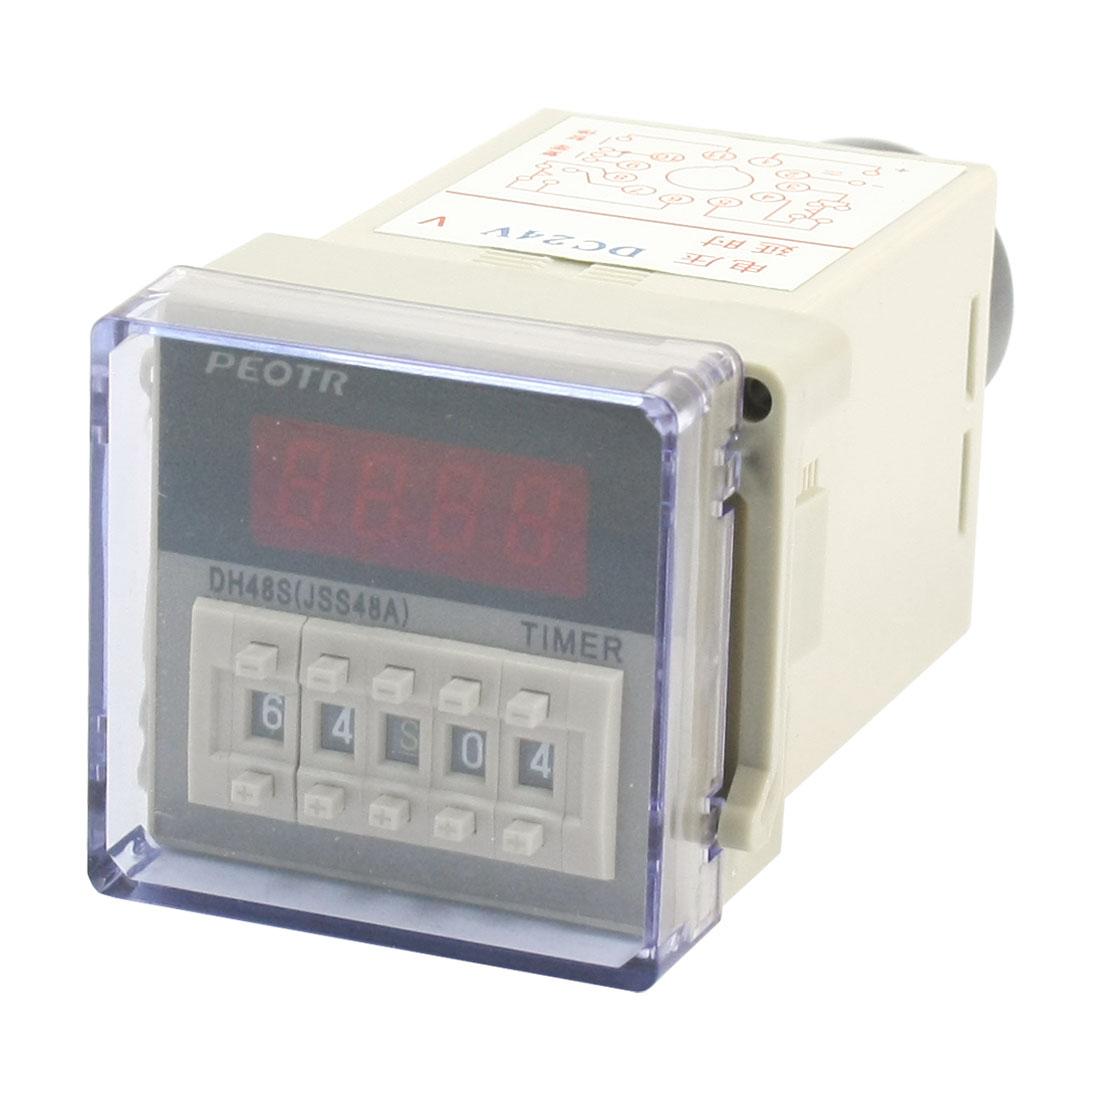 DC 24V 2NO 2NC 1min-99h99min 1s-99min99s 0.01s-99.99s Delay Timer Relay DH48S